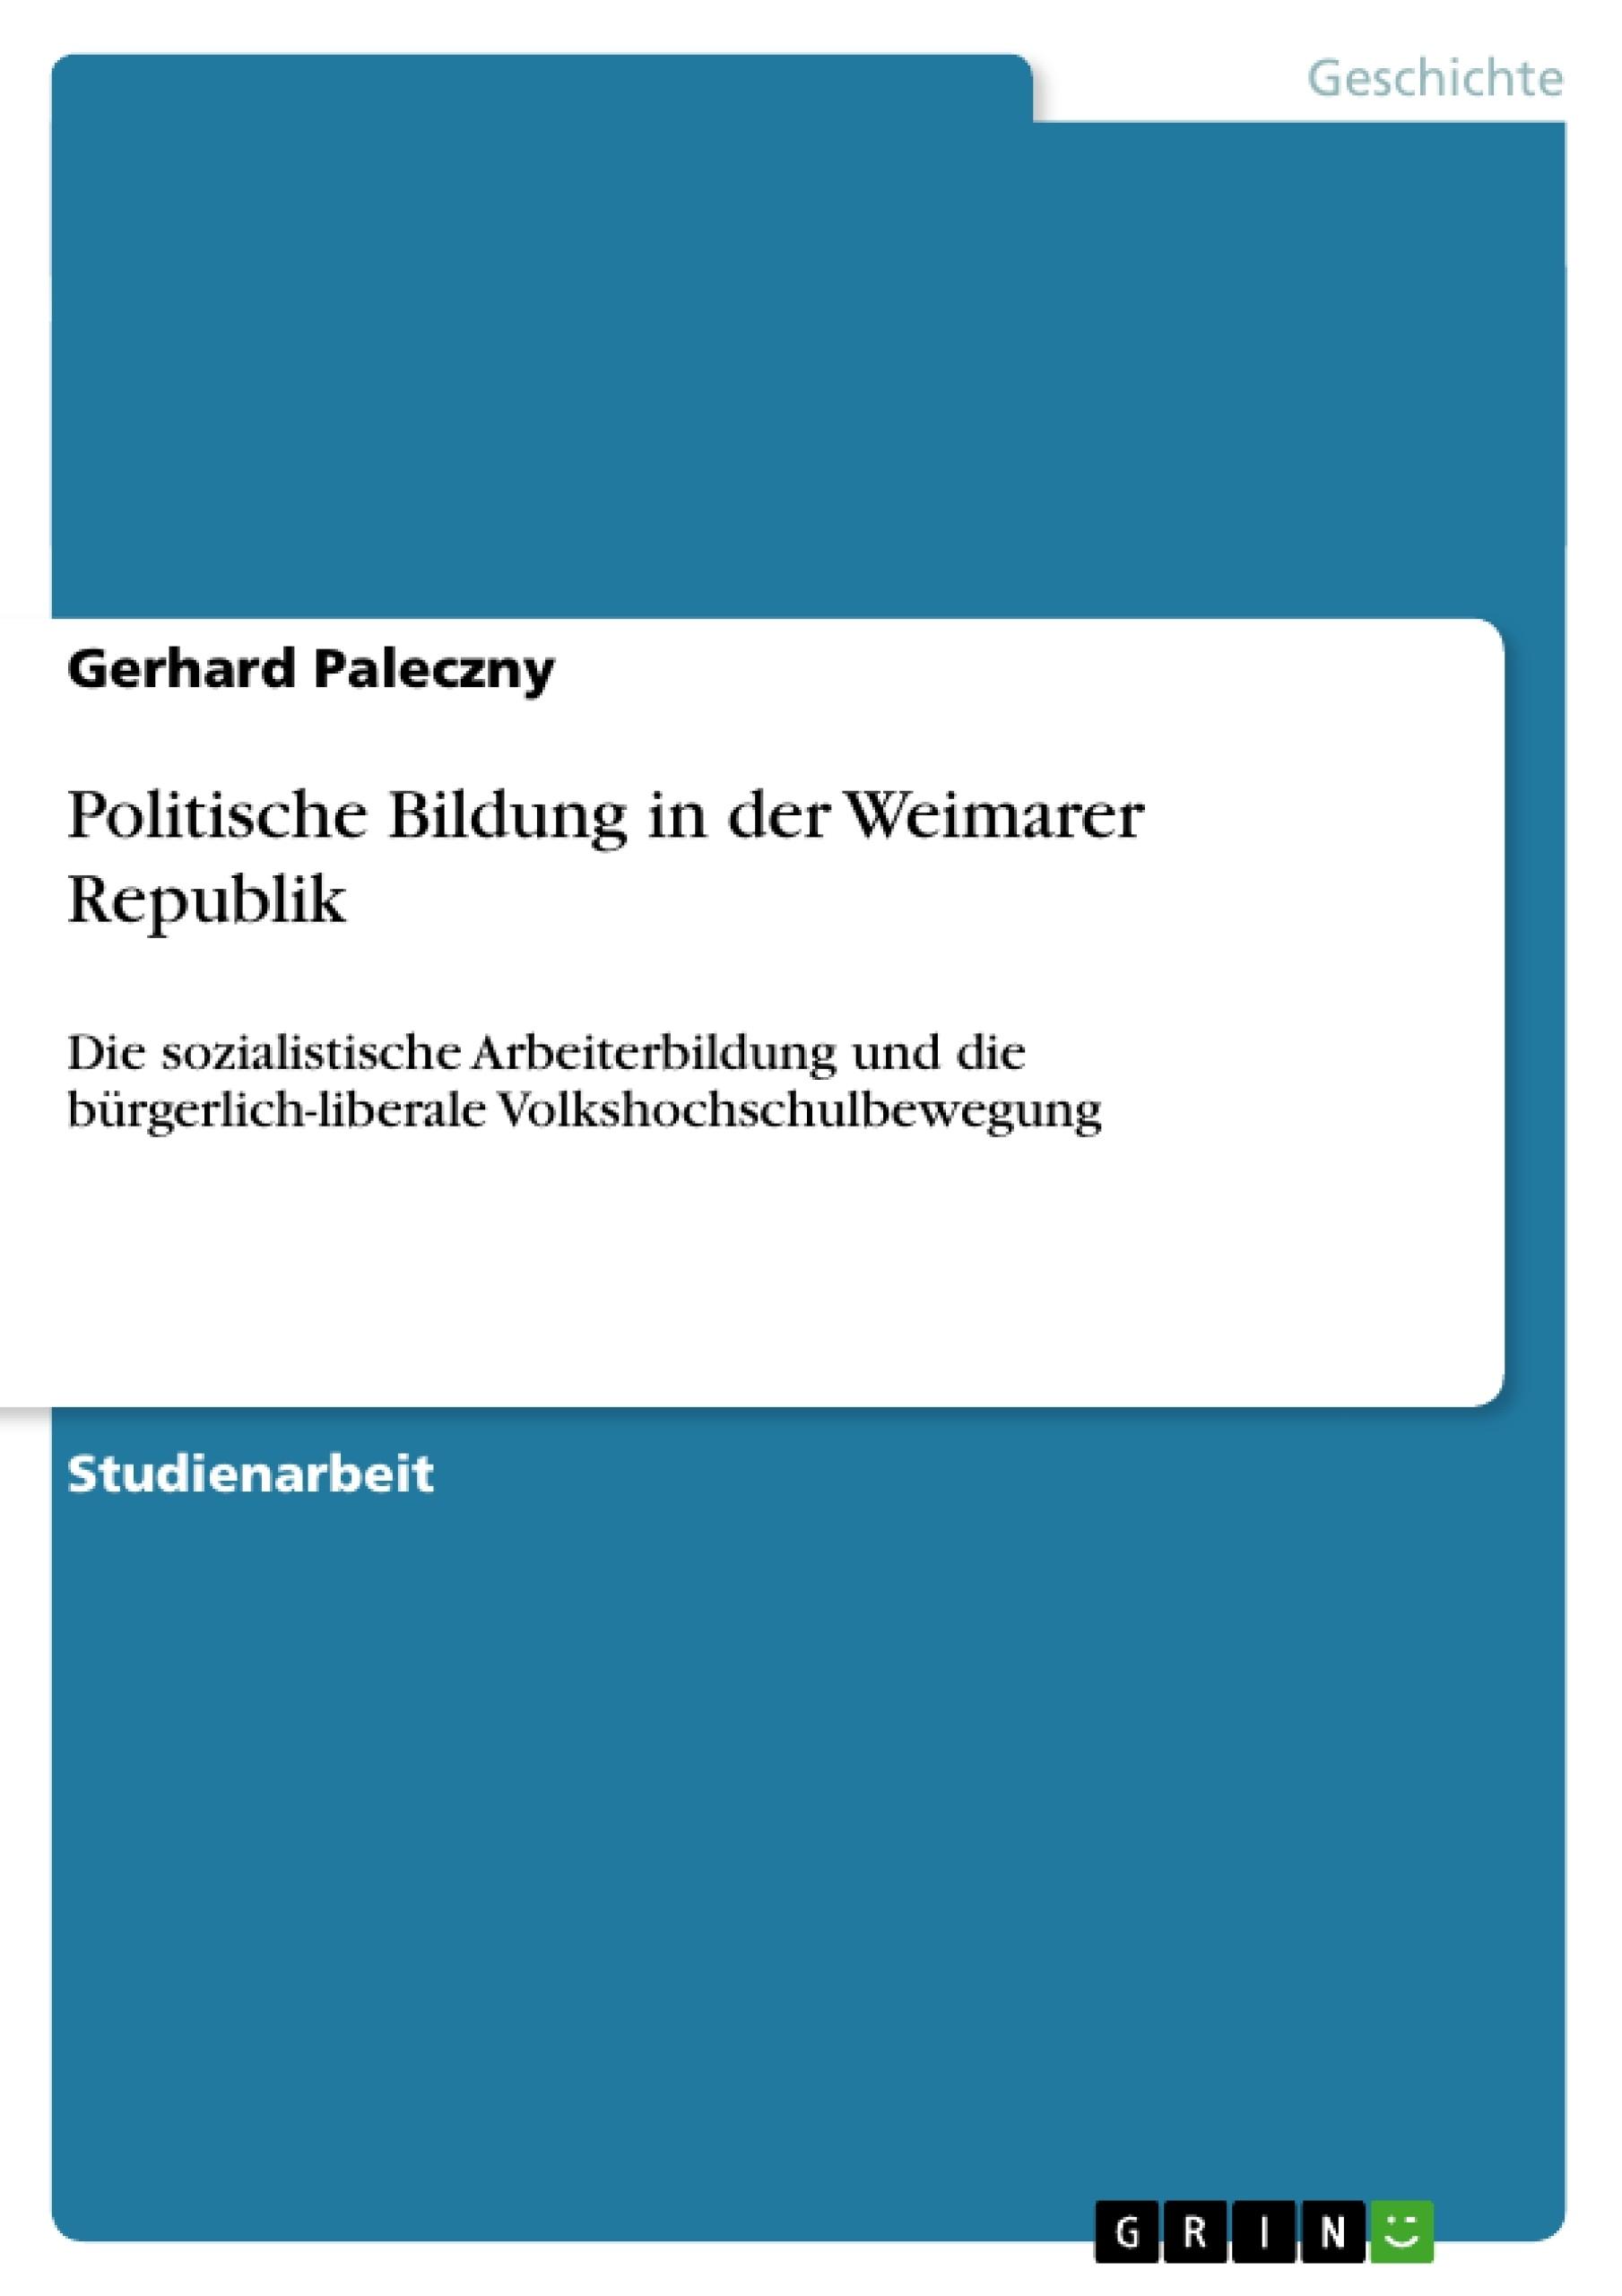 Titel: Politische Bildung in der Weimarer Republik